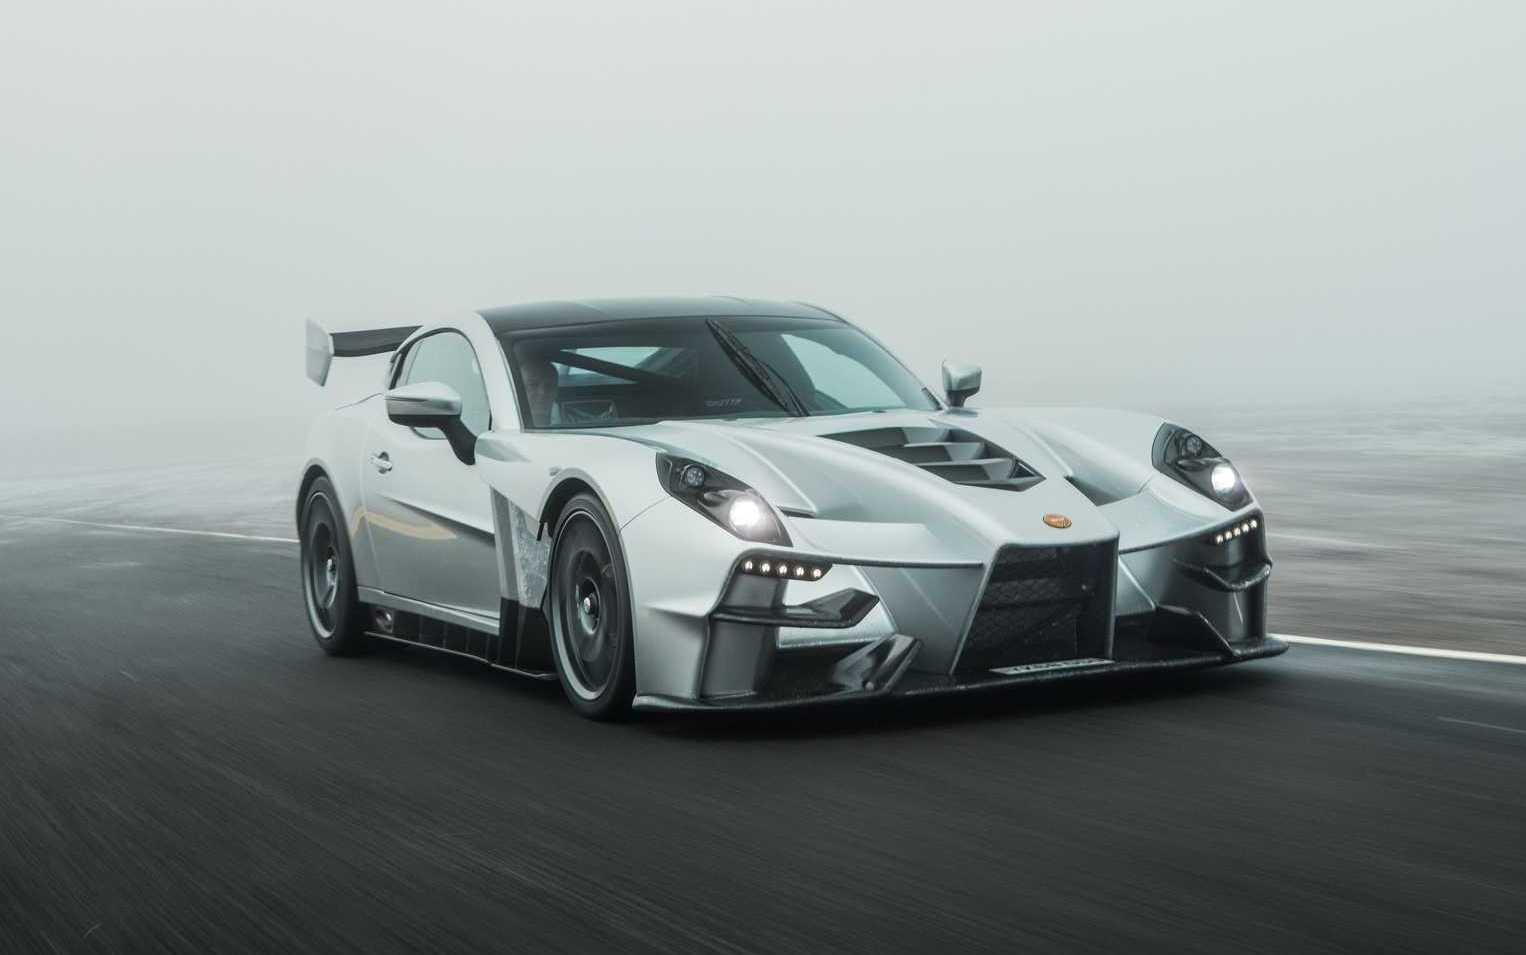 Ginetta презентовала свой новый 600-сильный автомобиль